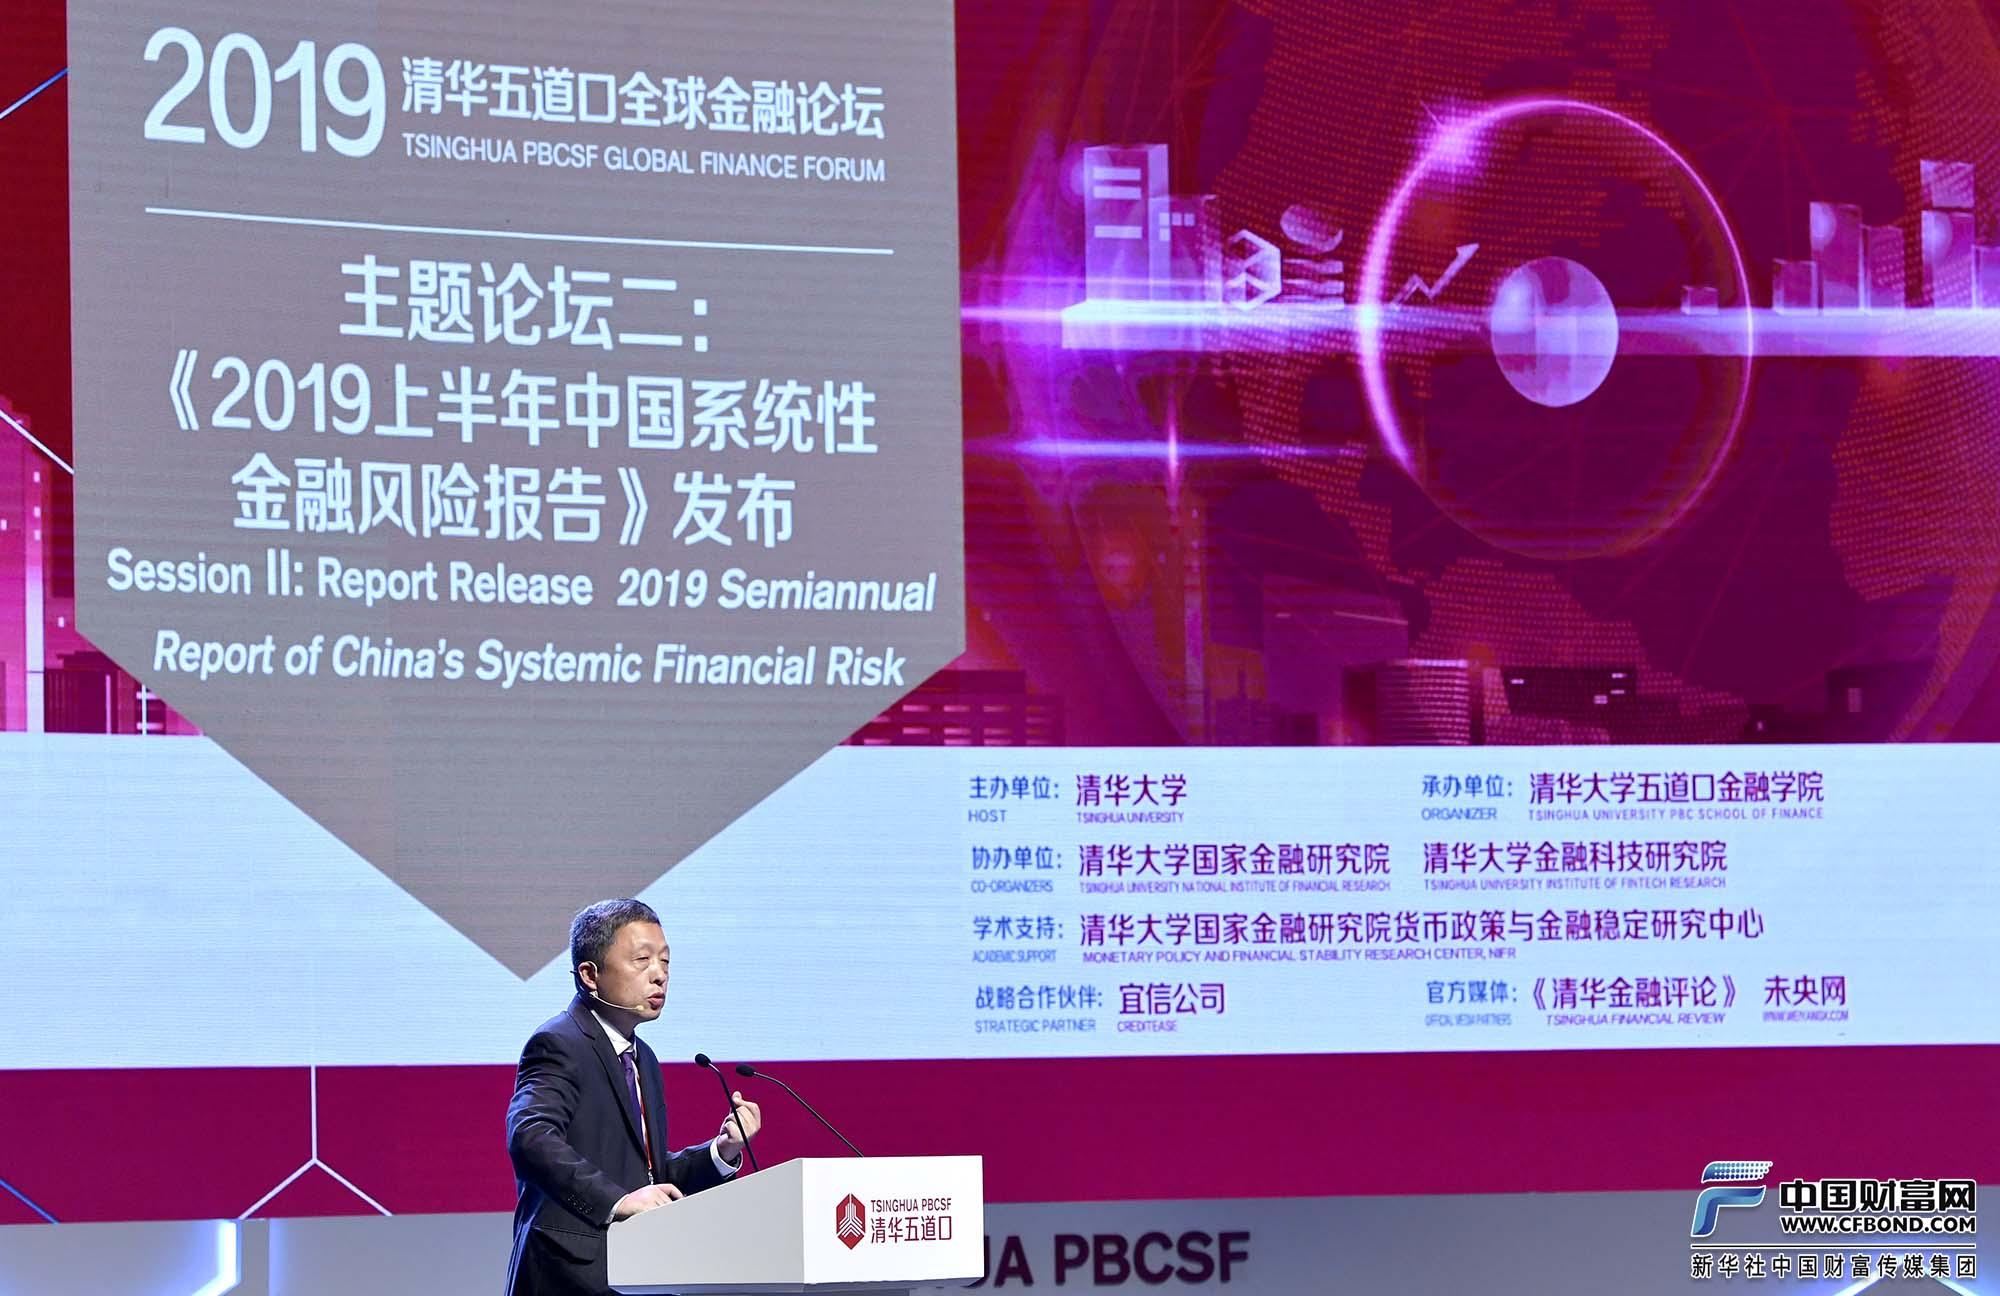 主题论坛二:《2019上半年中国系统性金融风险报告》发布会场